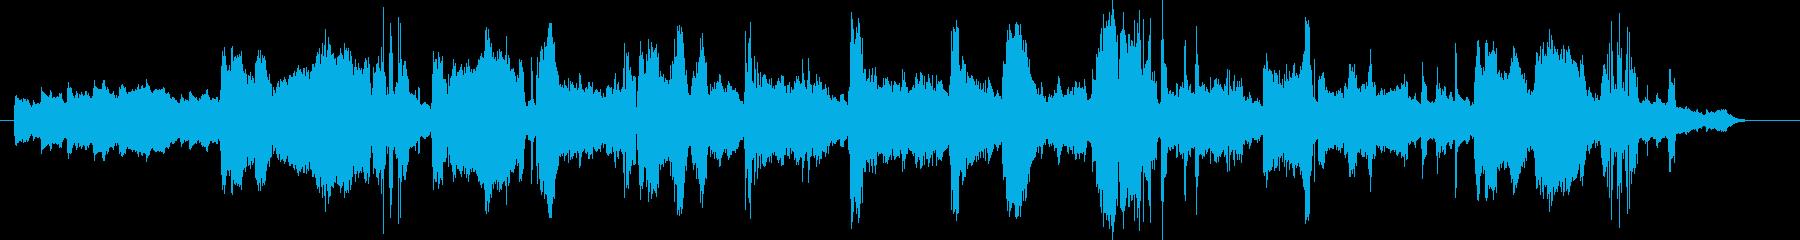 サイレントバットデッドリーナイト、...の再生済みの波形